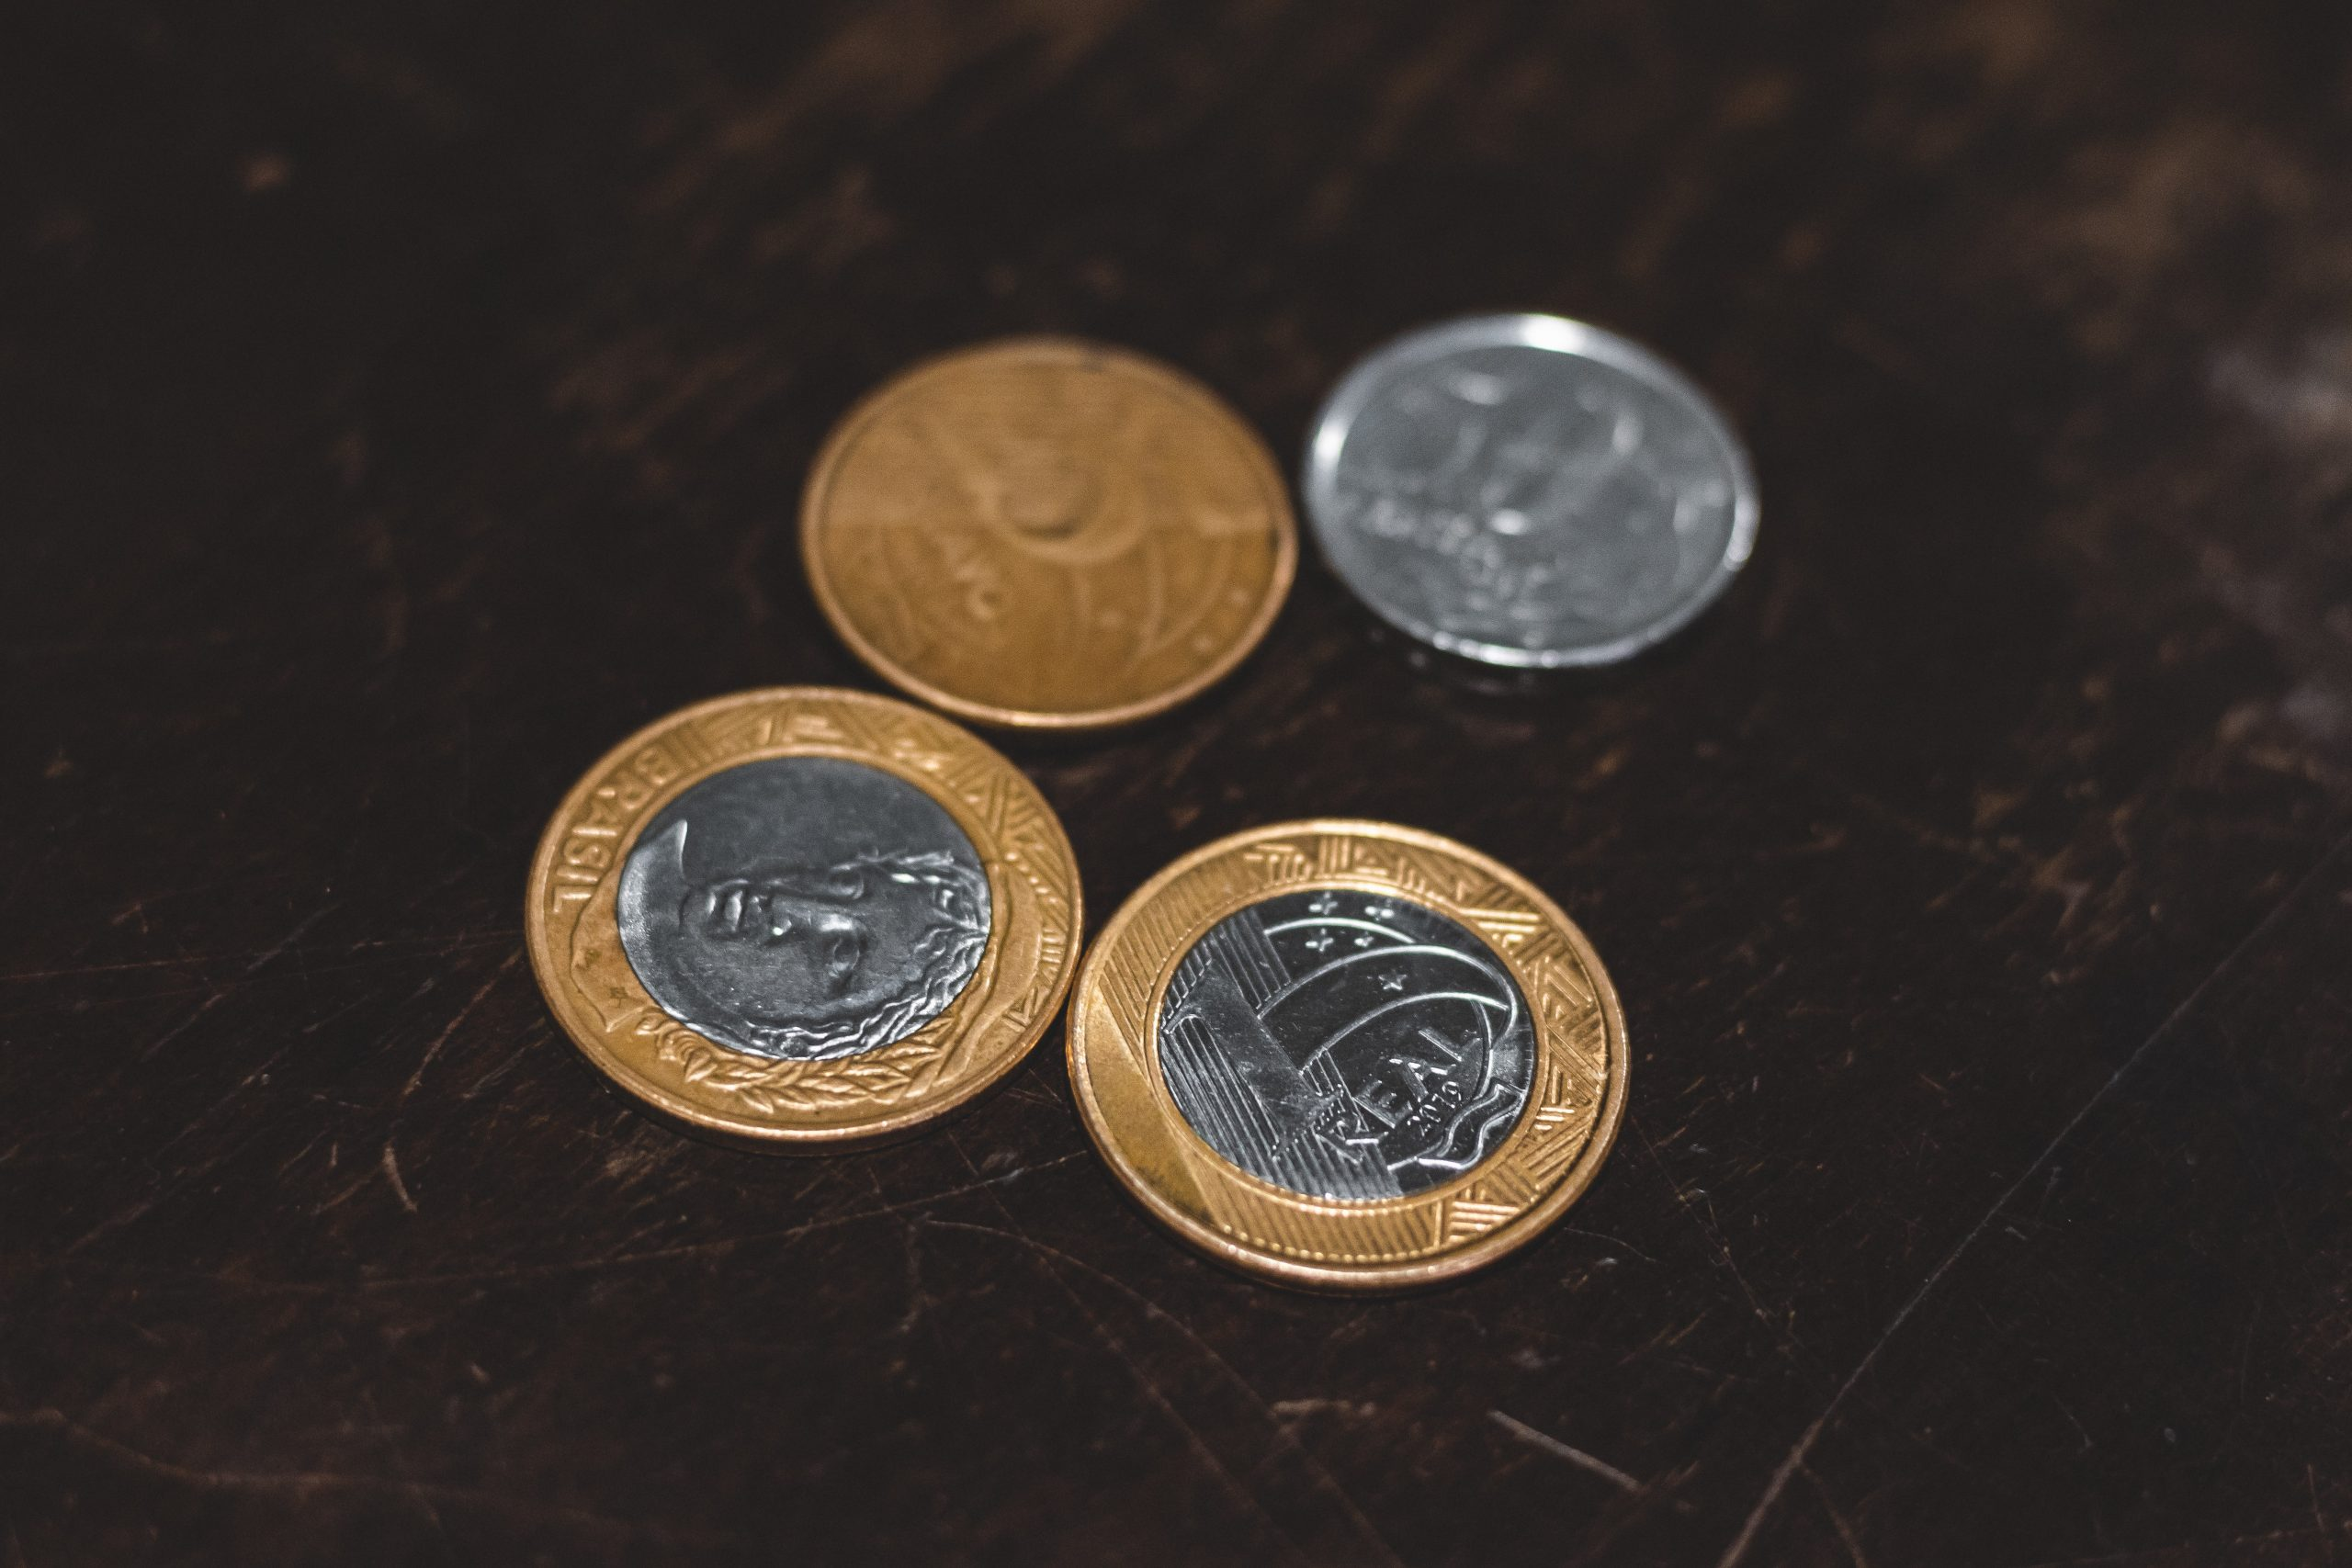 moedas brasileiras imagem ilustrativa representando inflação